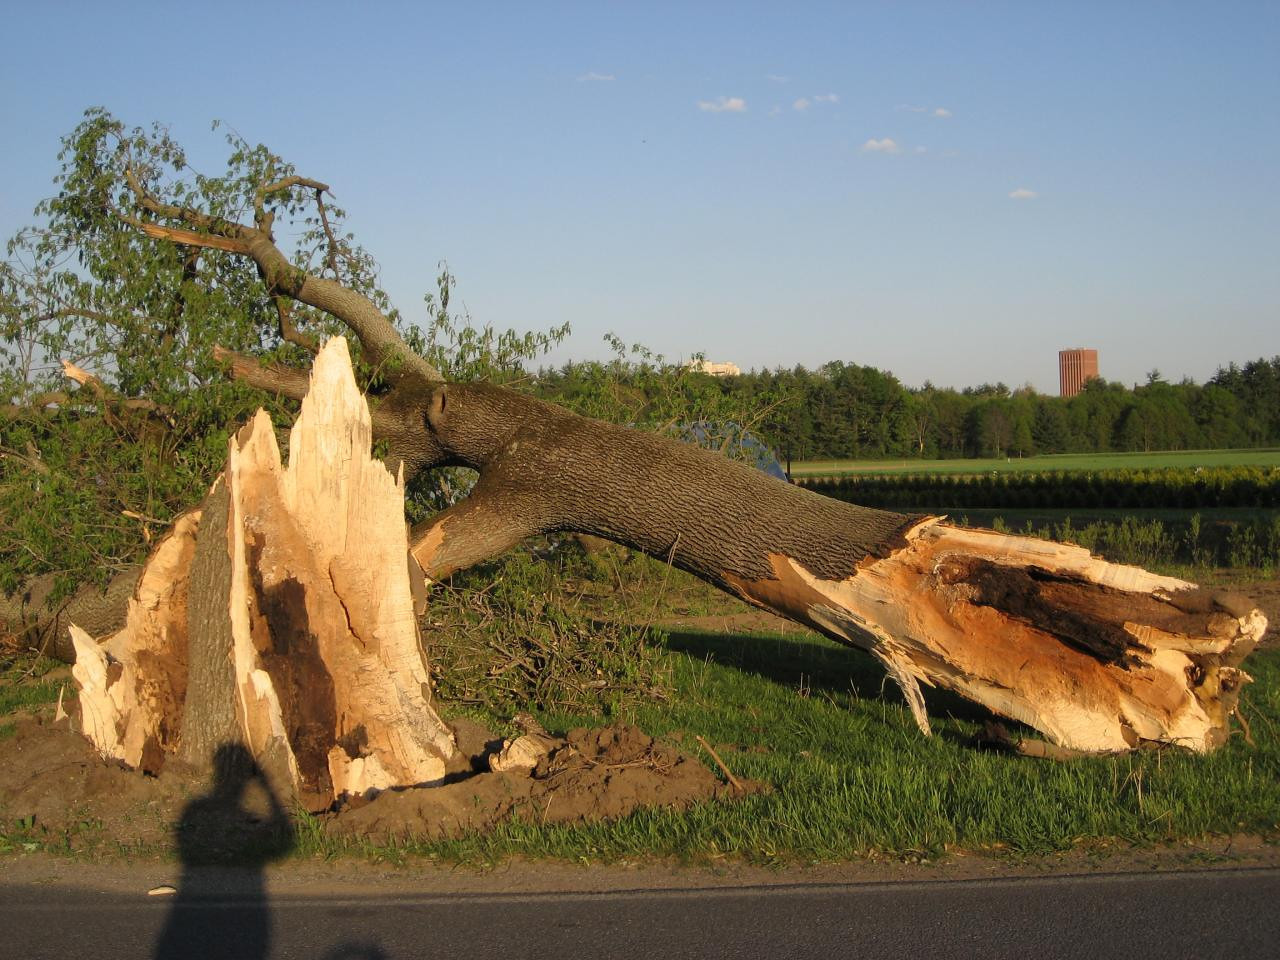 Windstorm damage